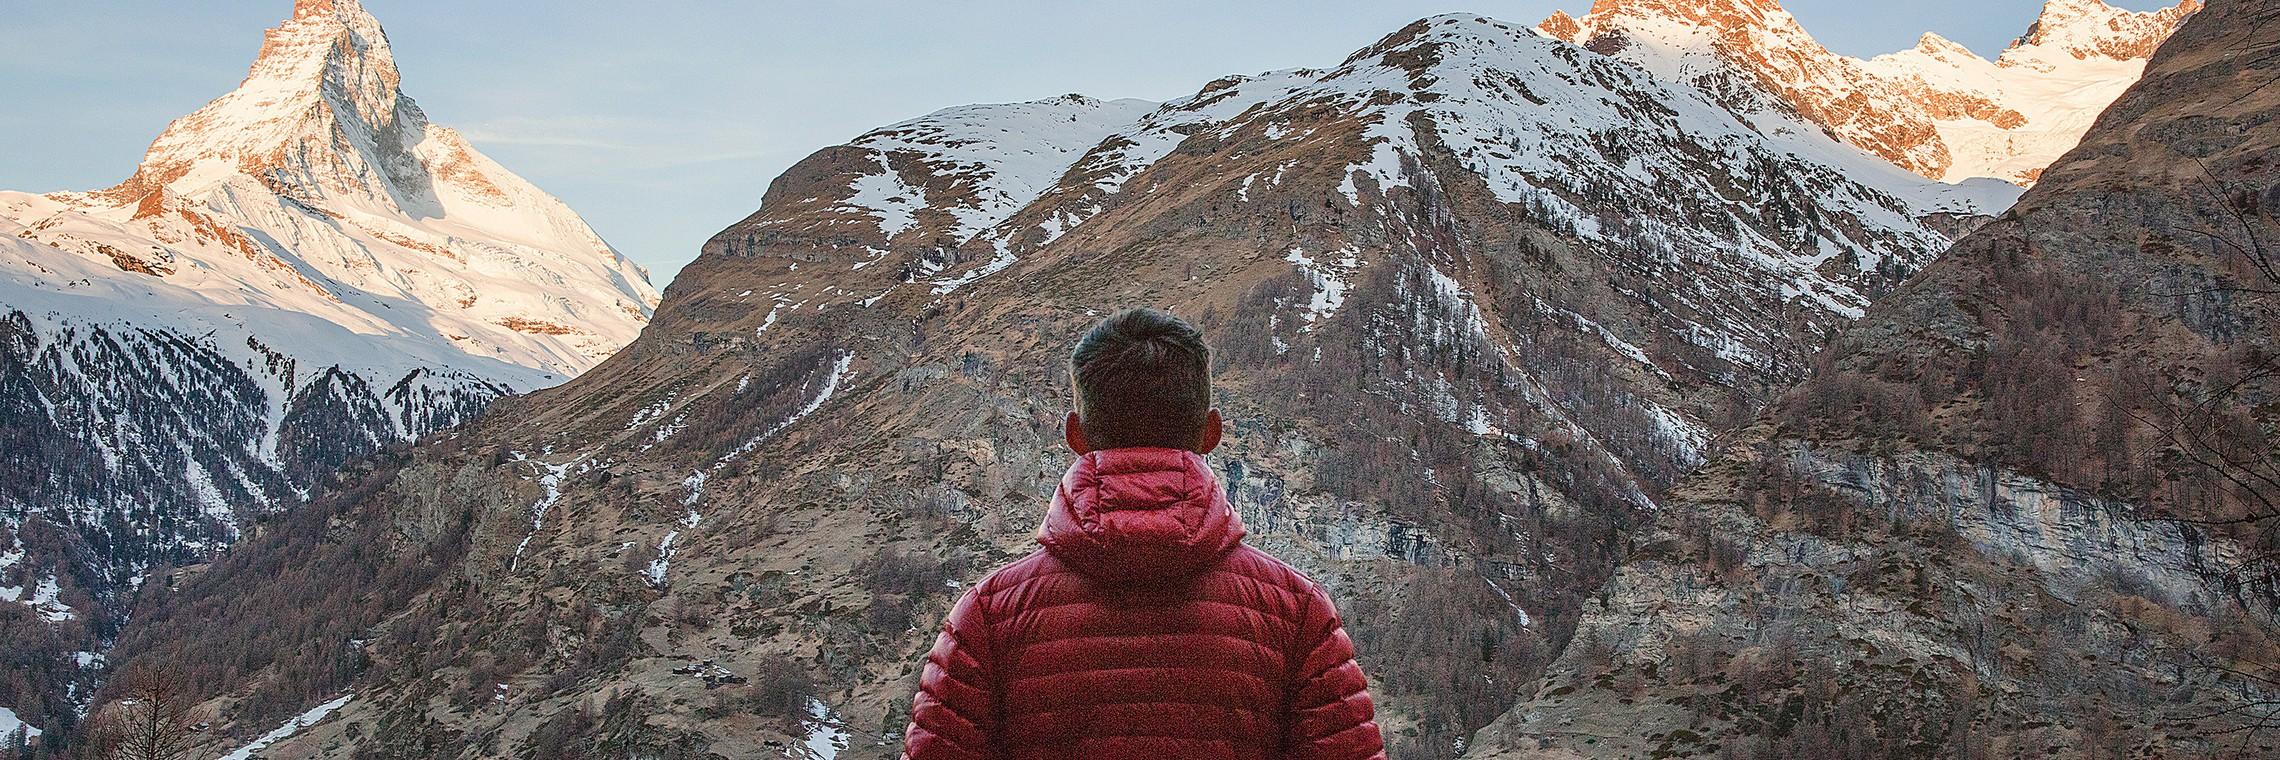 Man In Red Jacket Looking At The Alps In Zermatt Switzerland